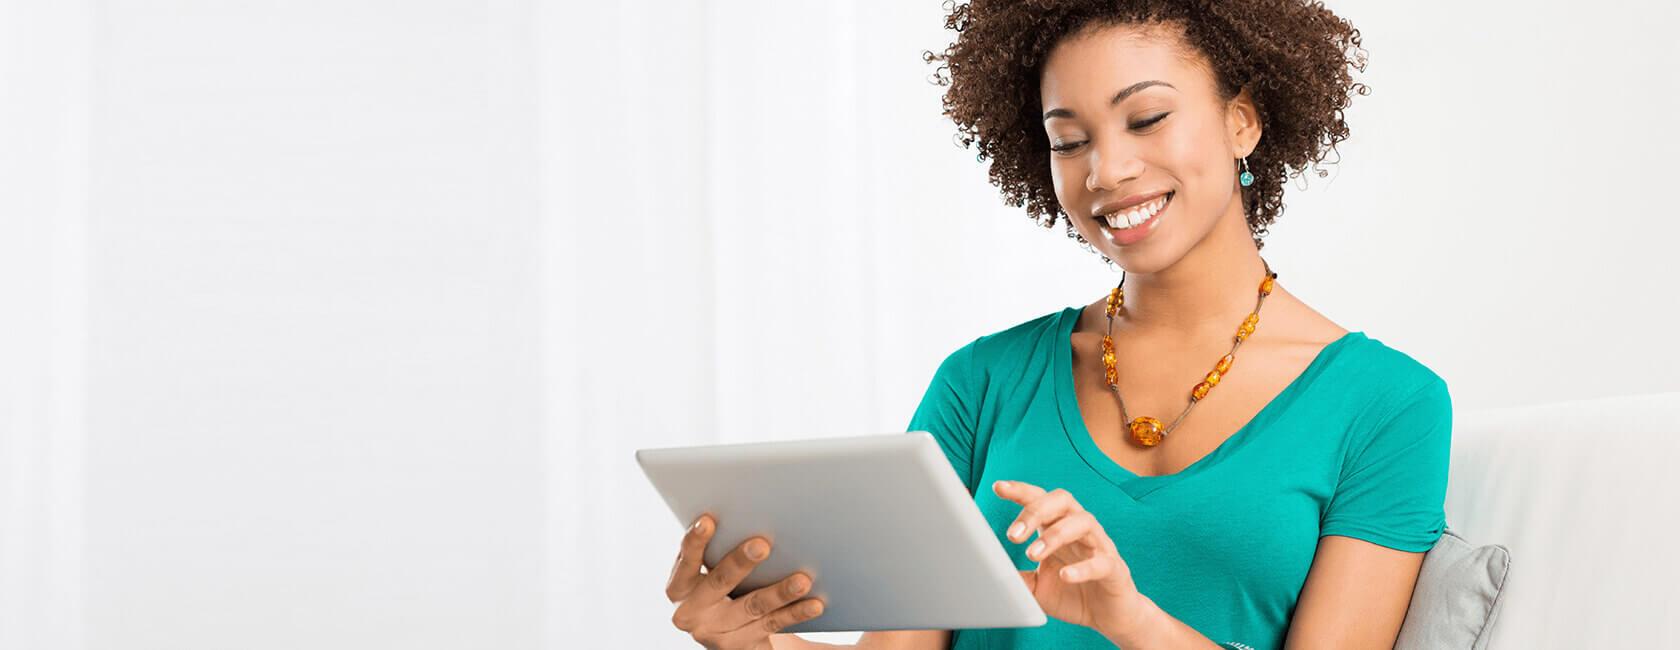 IIIIH! TÁ SEM CRÉDITO? Conheça as diversas vantagens do Empréstimo Pessoal Losango.